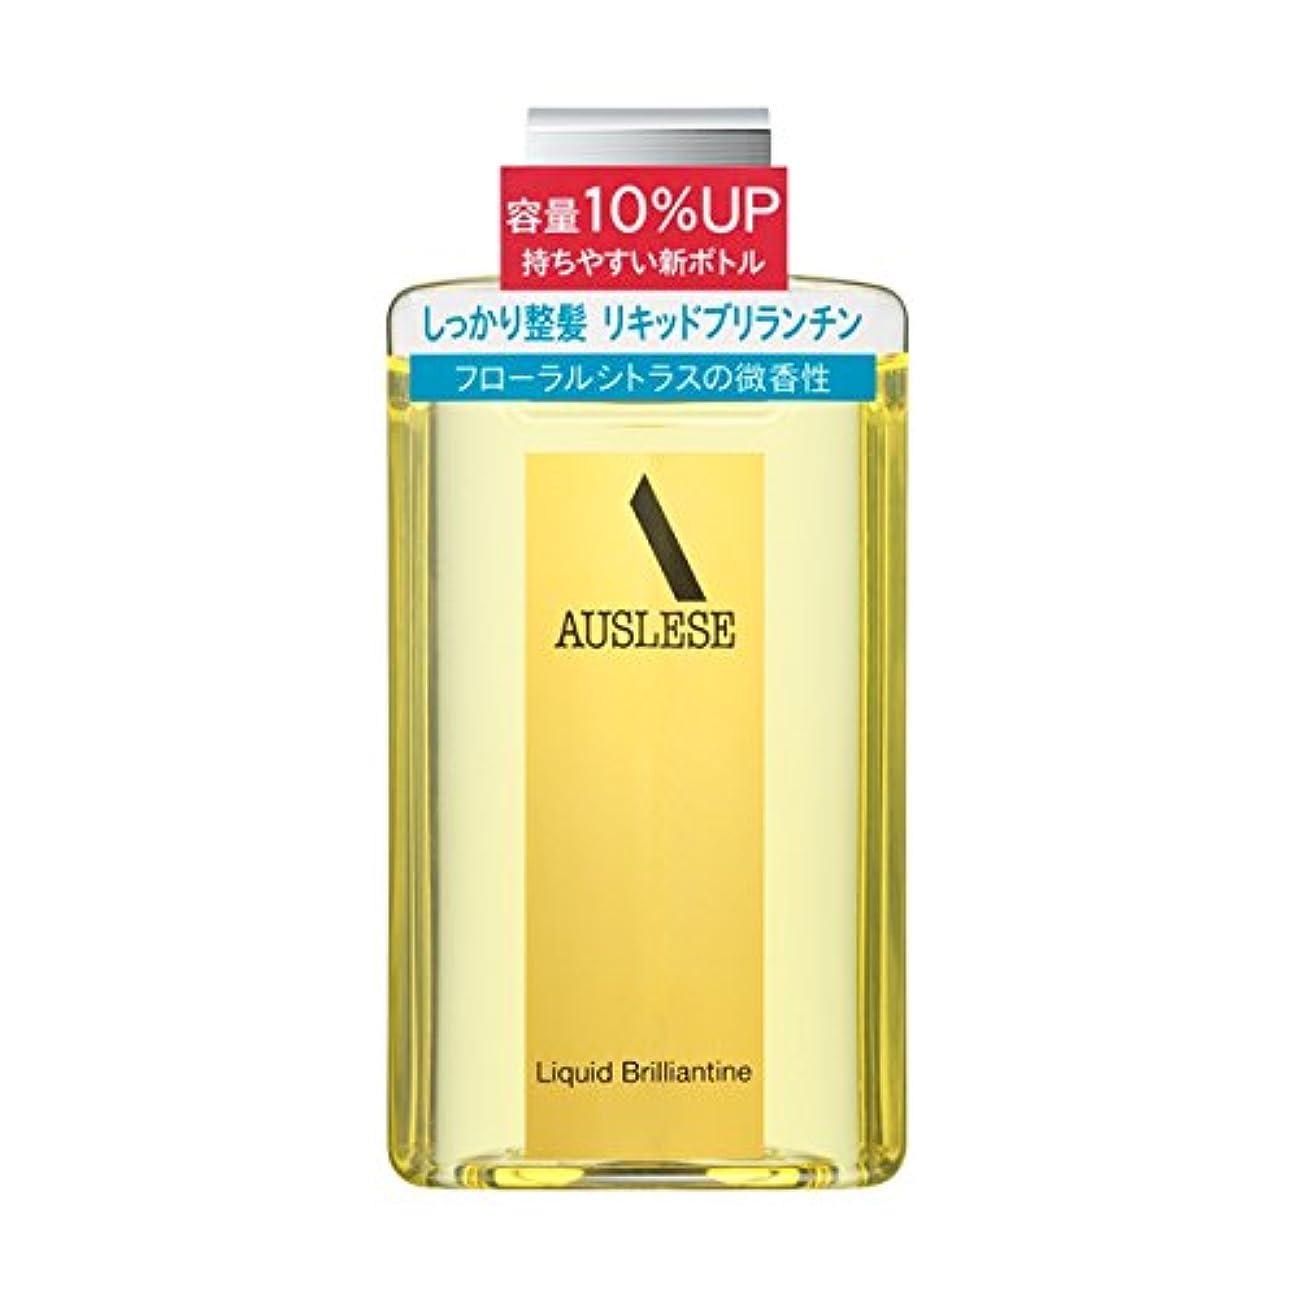 光沢精査する適切にアウスレーゼ リキッドブリランチンN 165mL